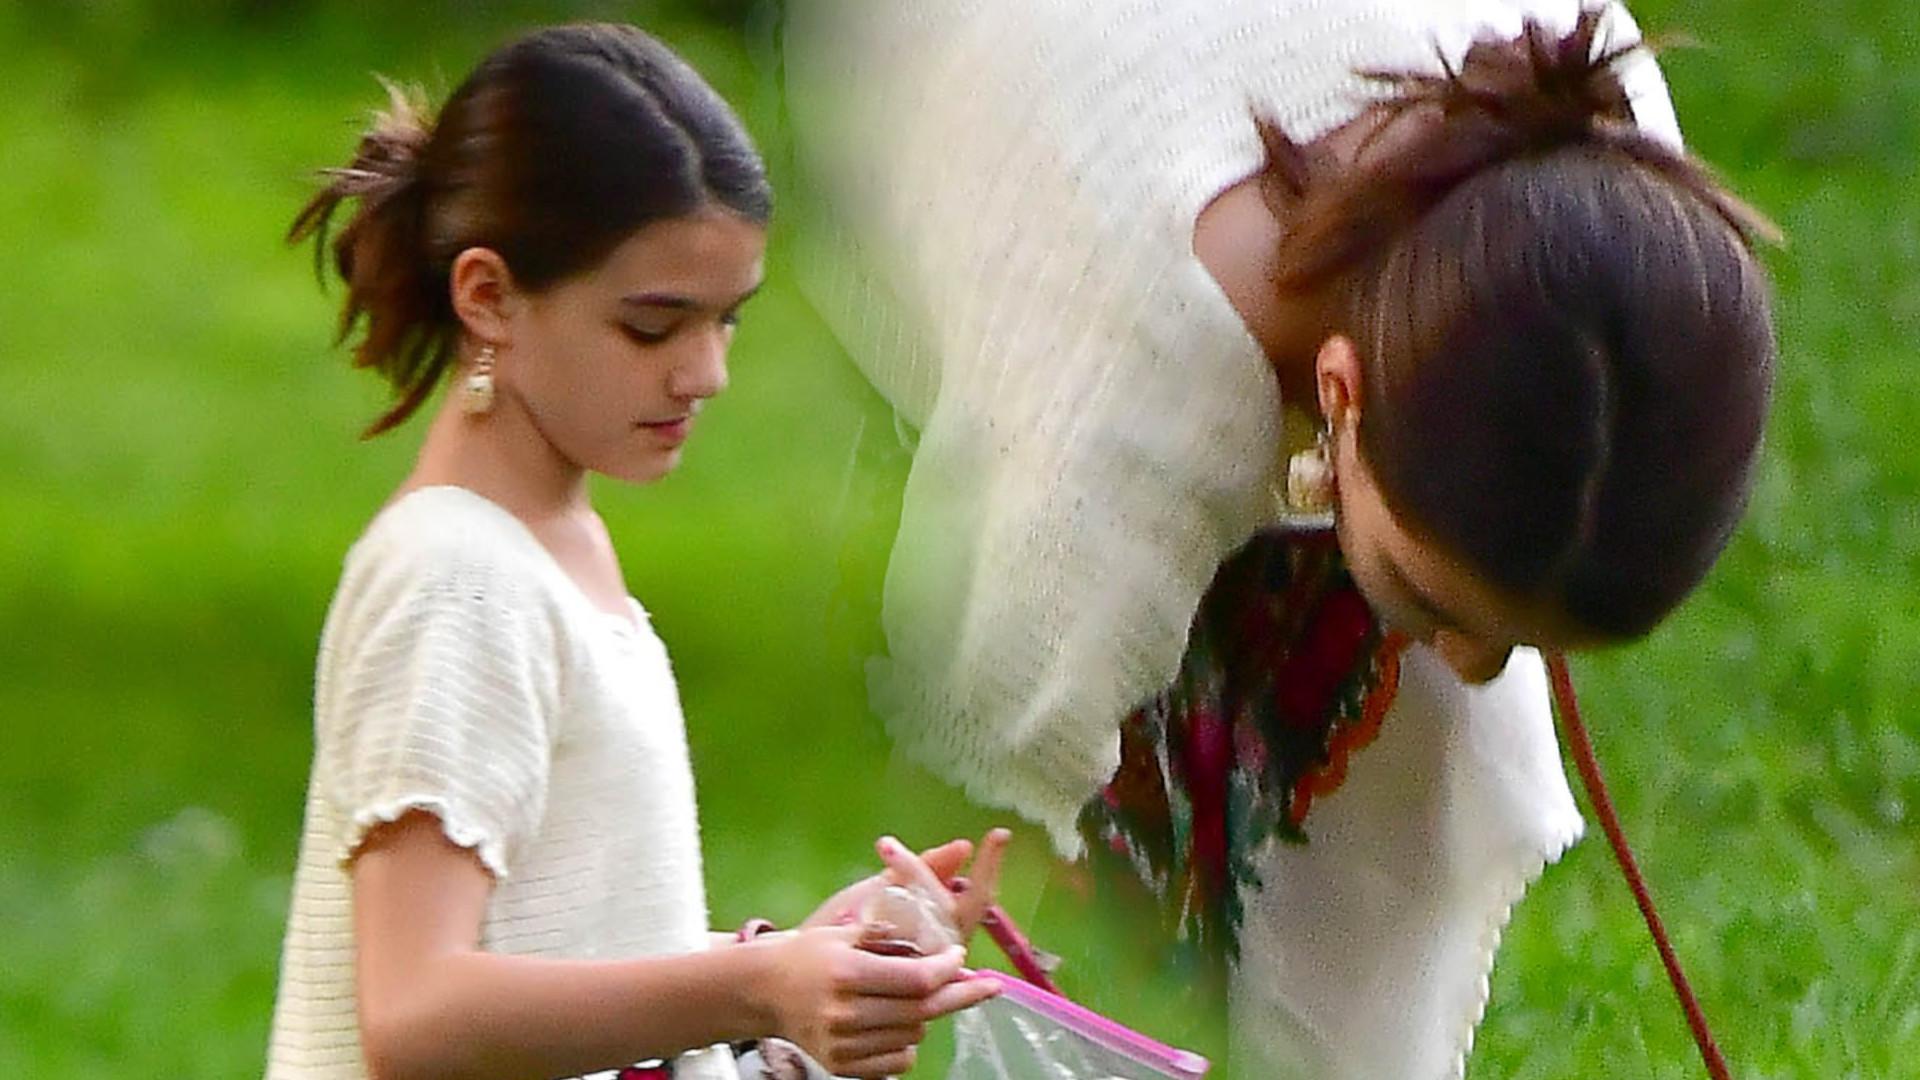 13-letnia Suri Cruise w letniej sukience – dziewczynka posprzątała po swoim psie (ZDJĘCIA)